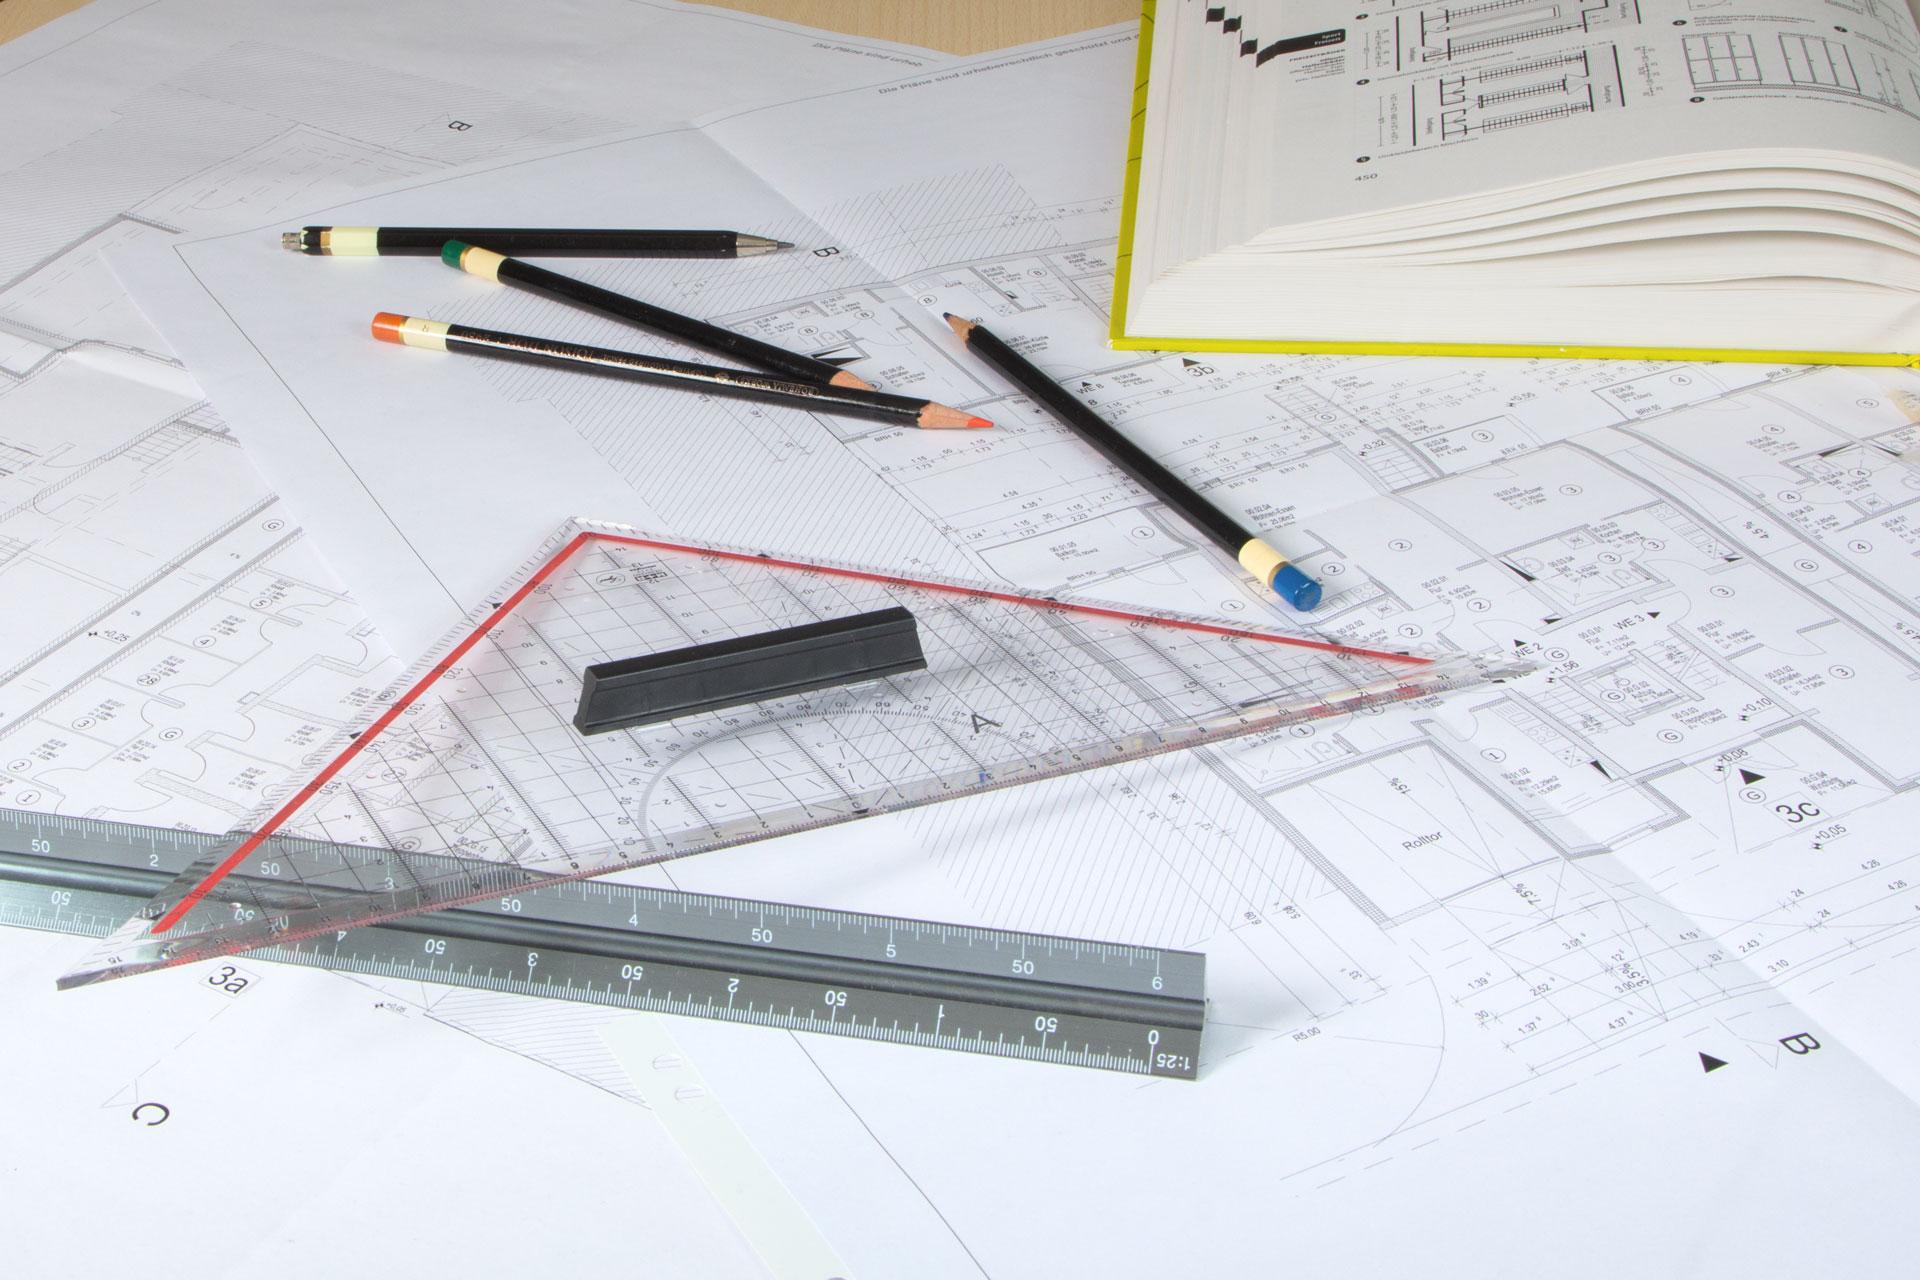 UT-Architekturbüro — Wir finden Kreative Lösungen